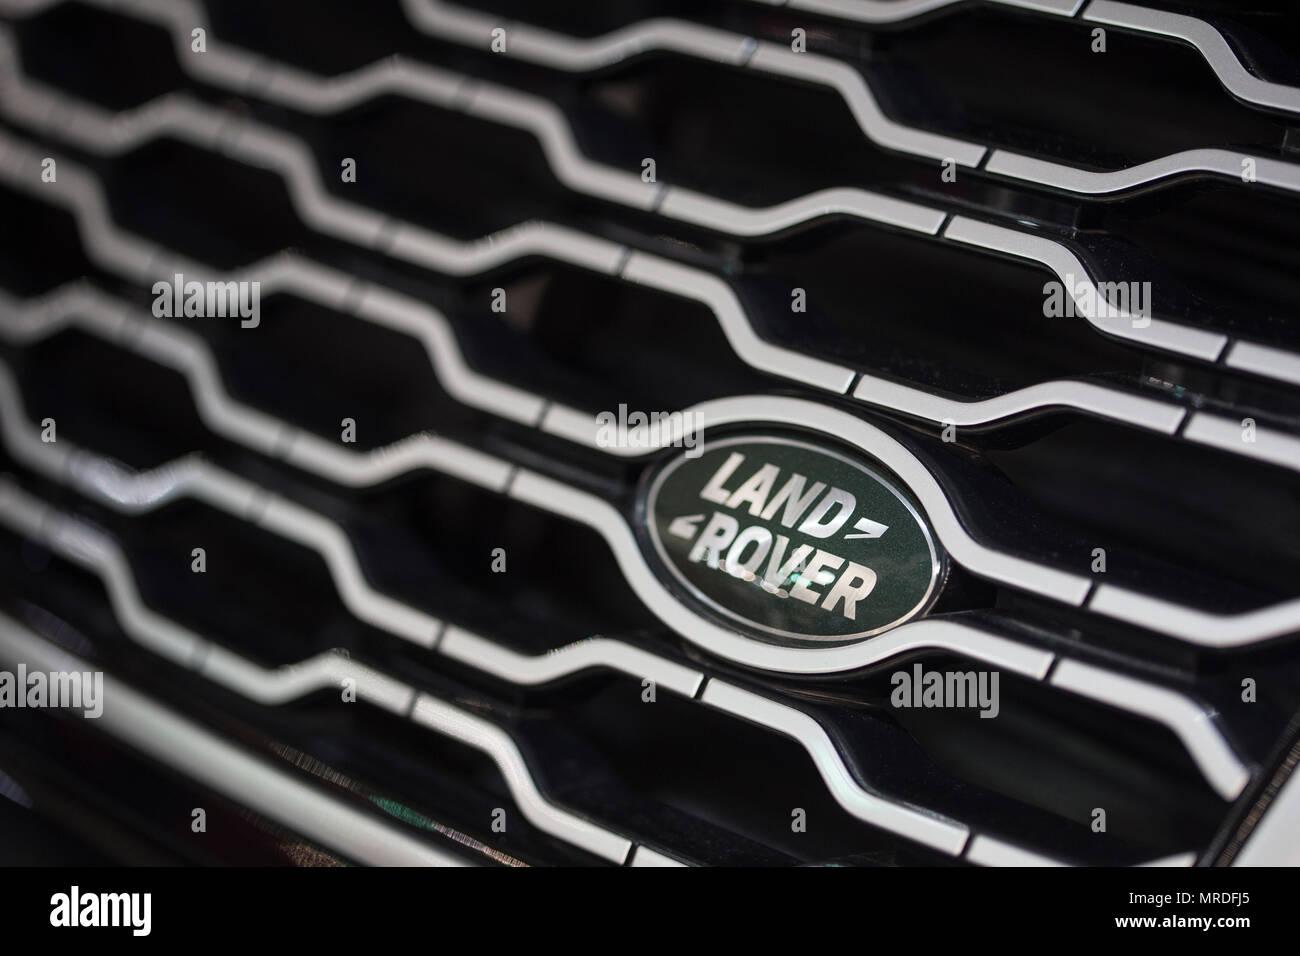 Land Rover logo on a car - Stock Image